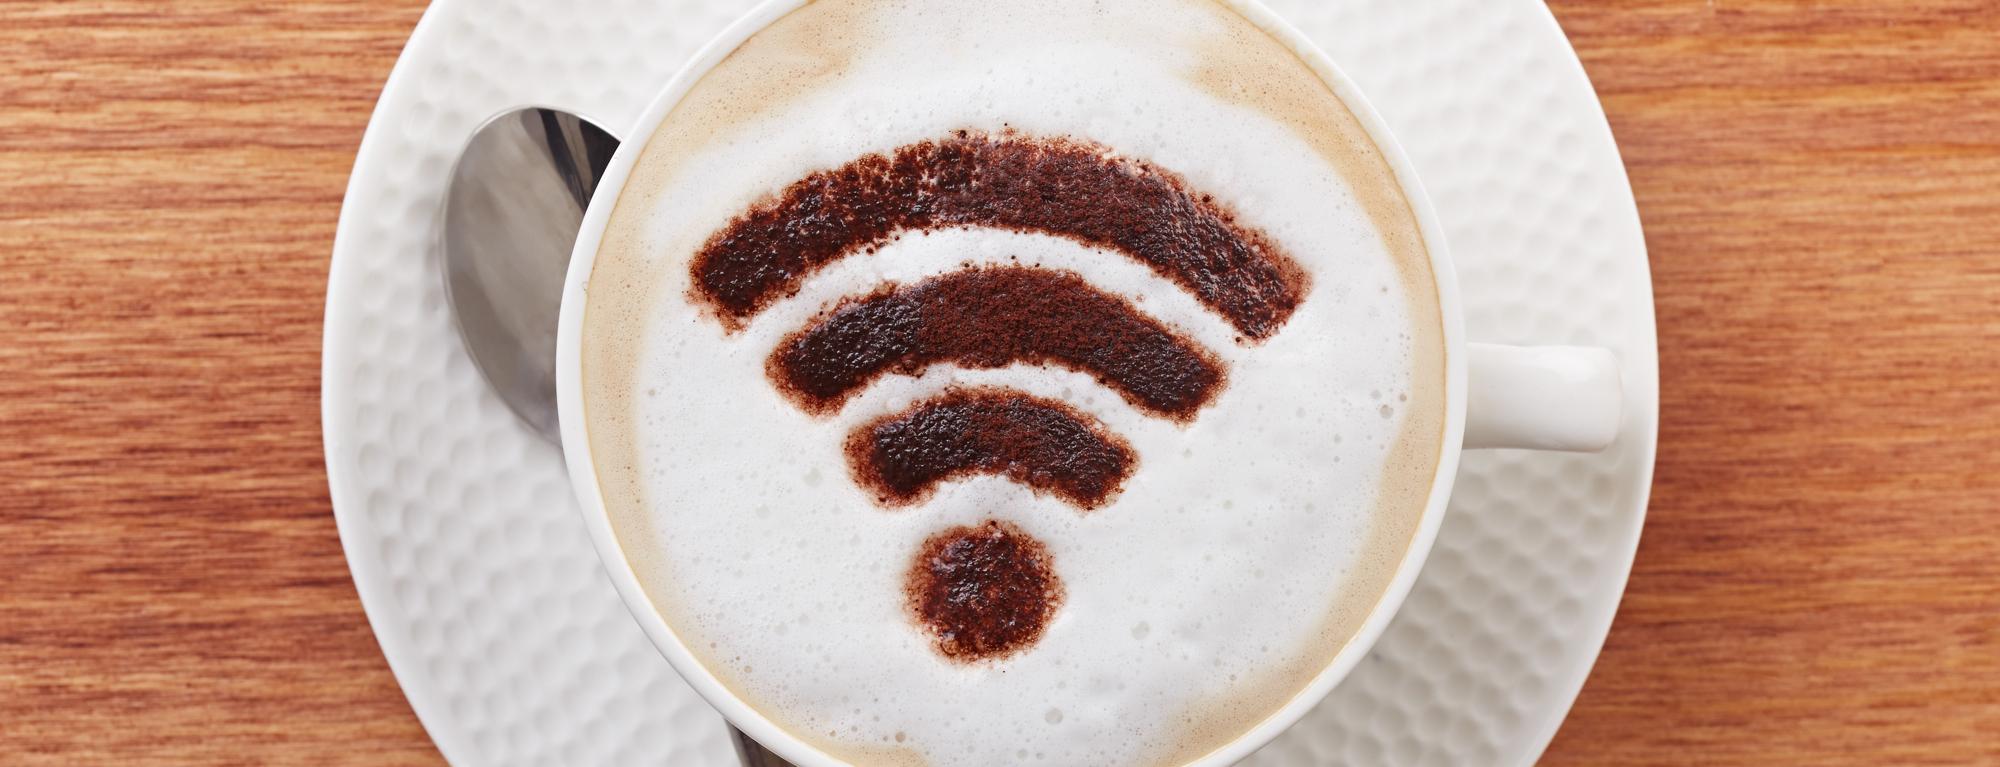 Что такое Интернет вещей и зачем он нужен?